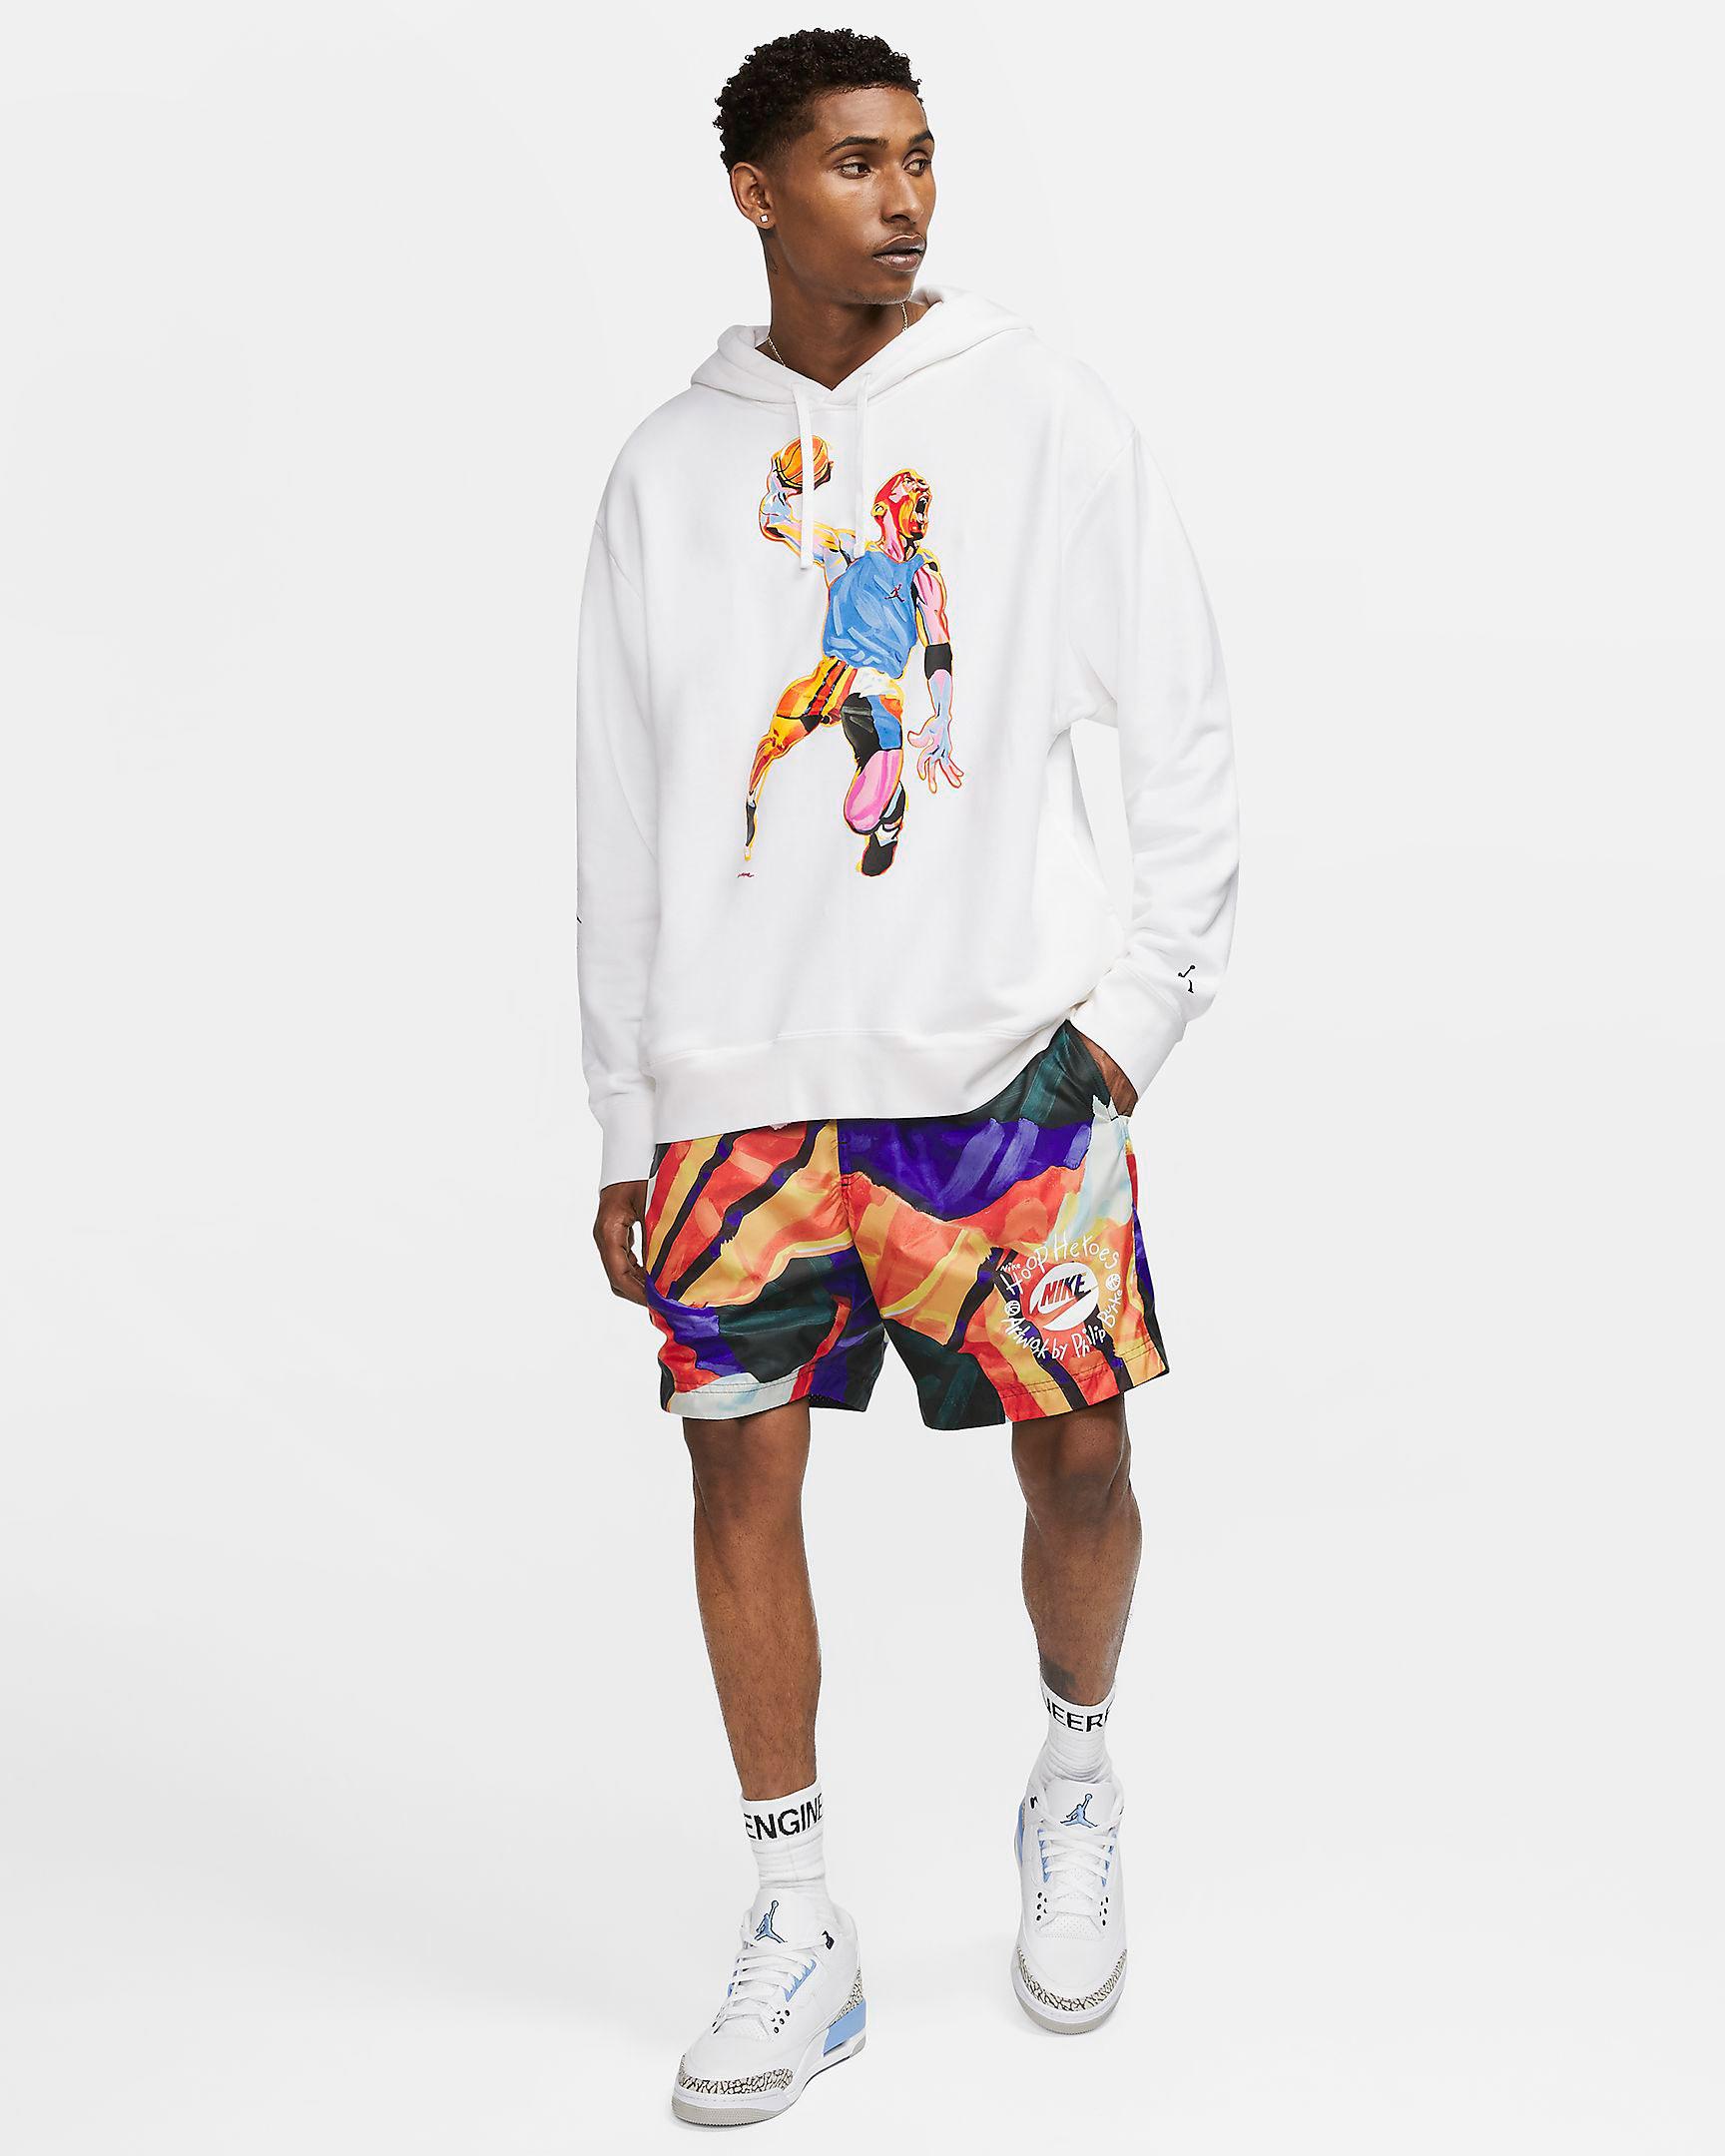 jordan-hoop-heroes-apparel